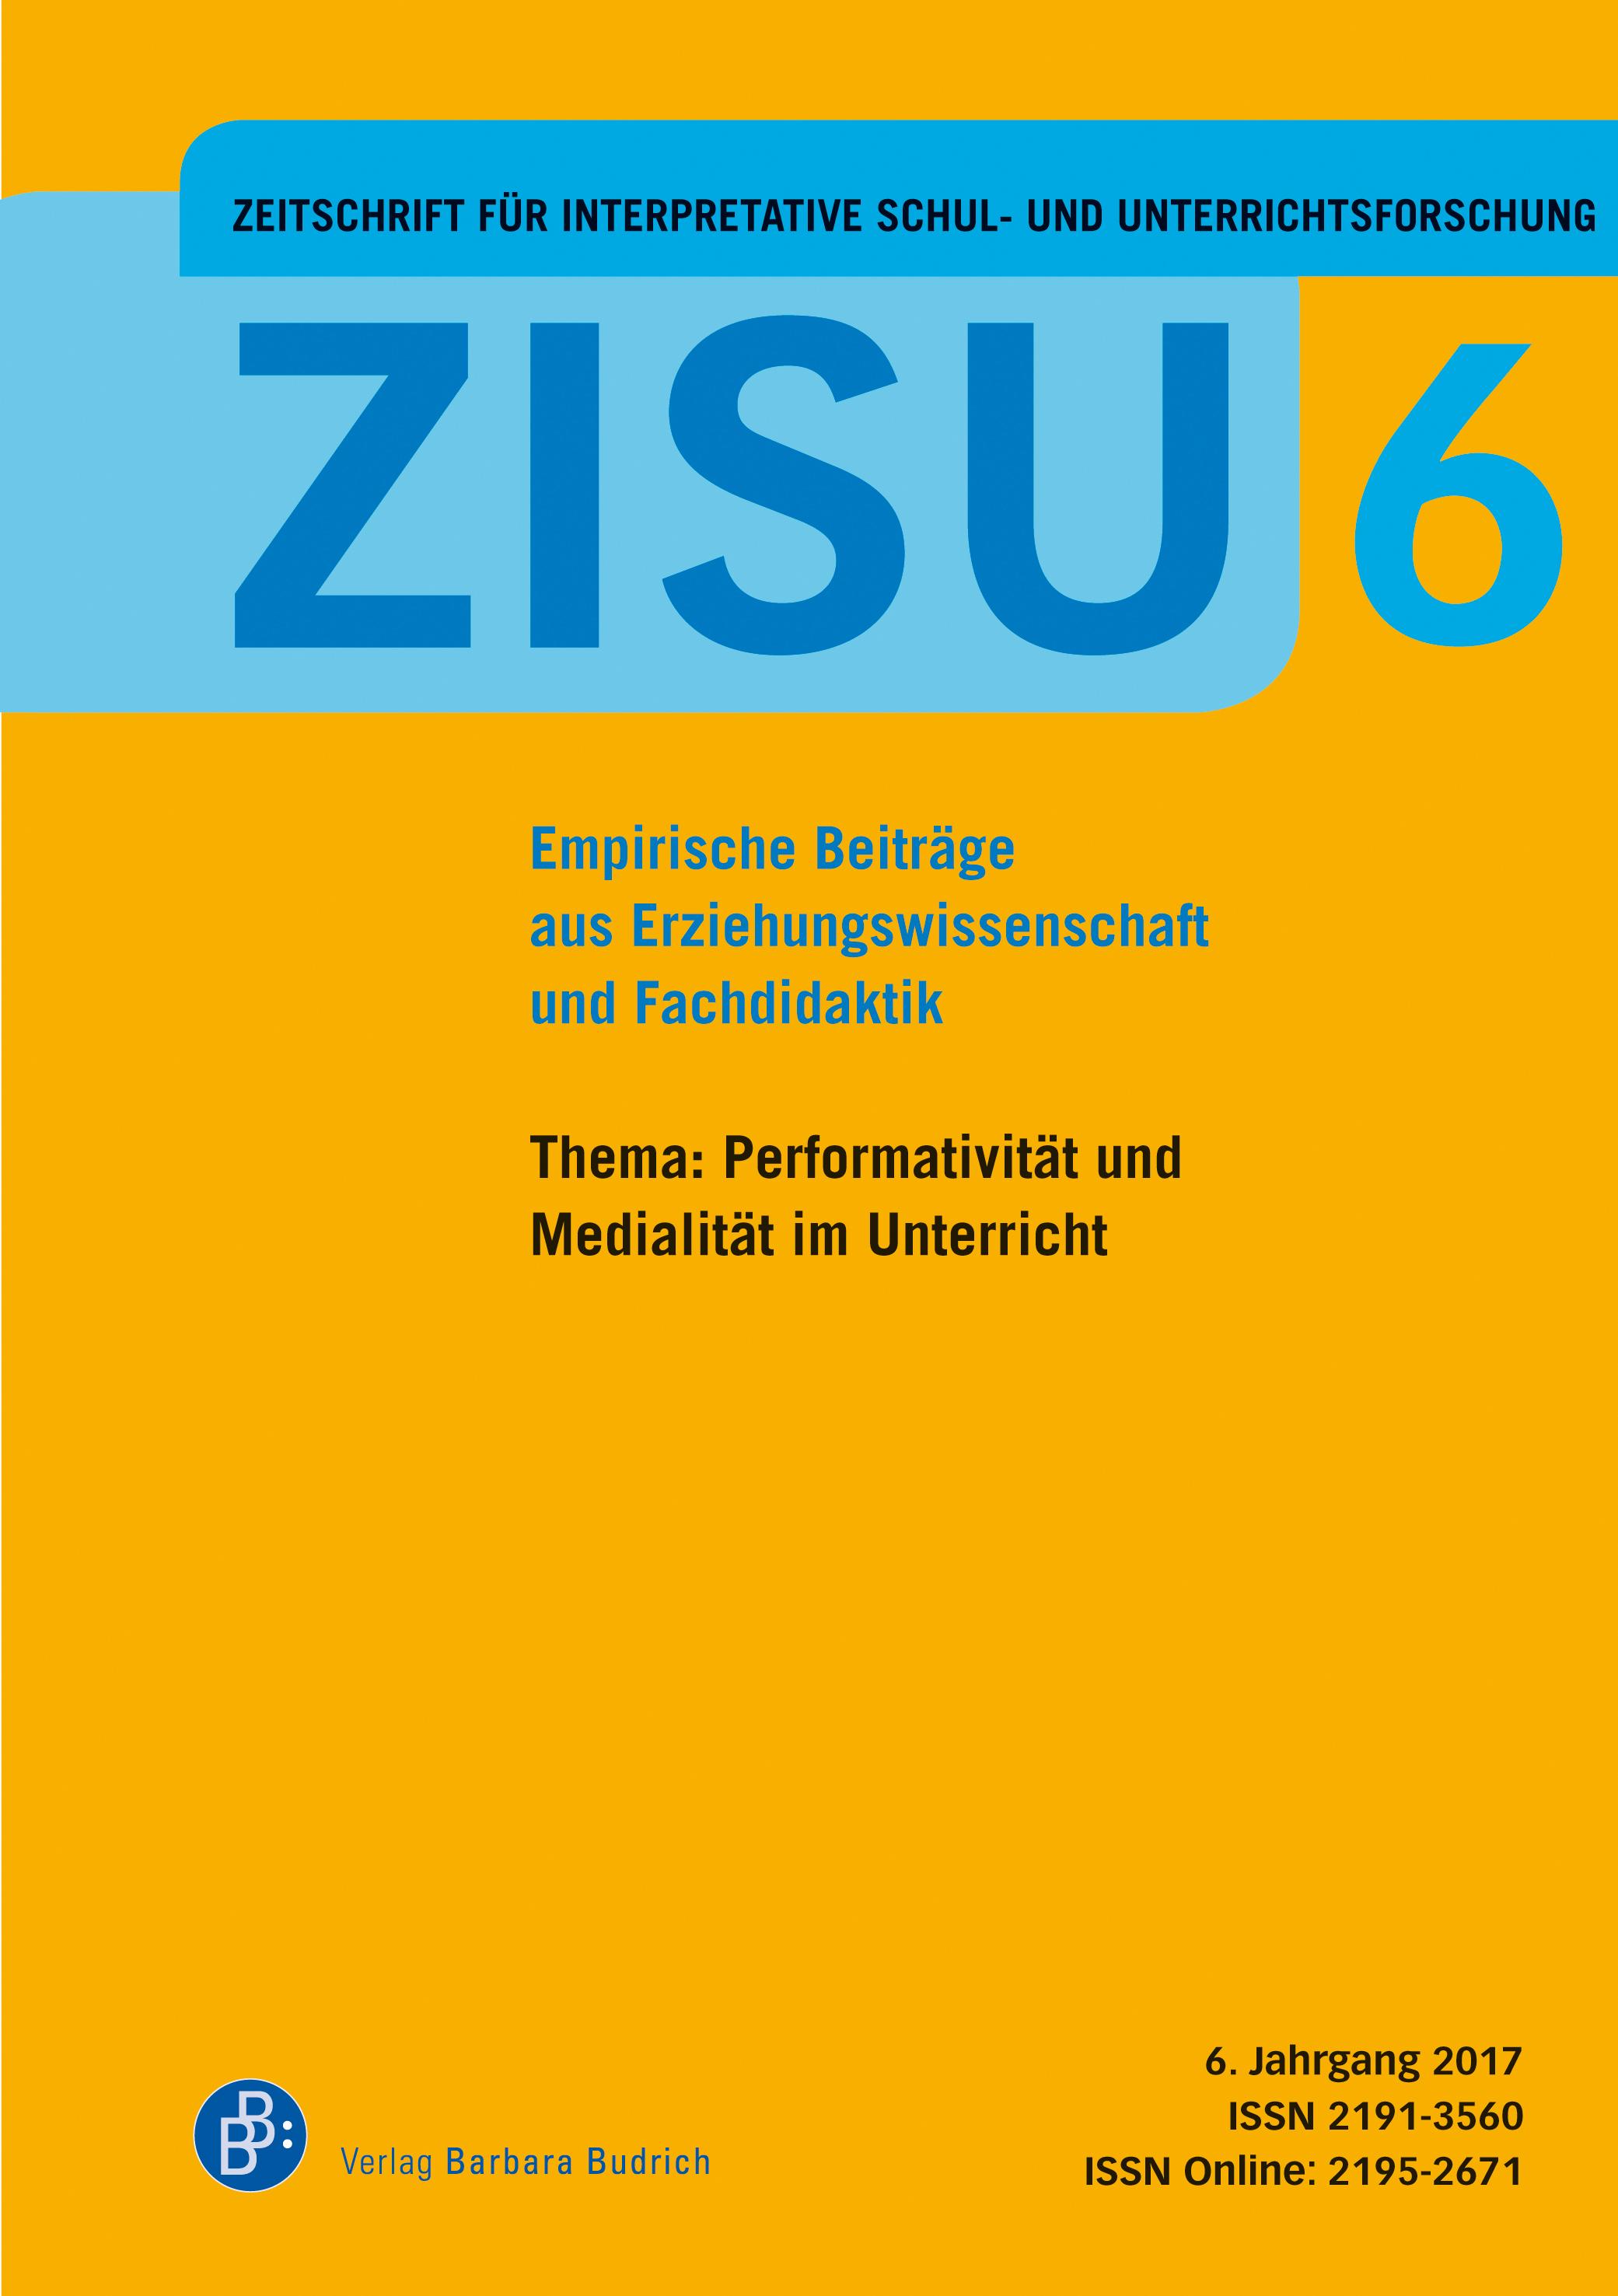 ZISU 6 (2017) | Performativität und Medialität im Unterricht